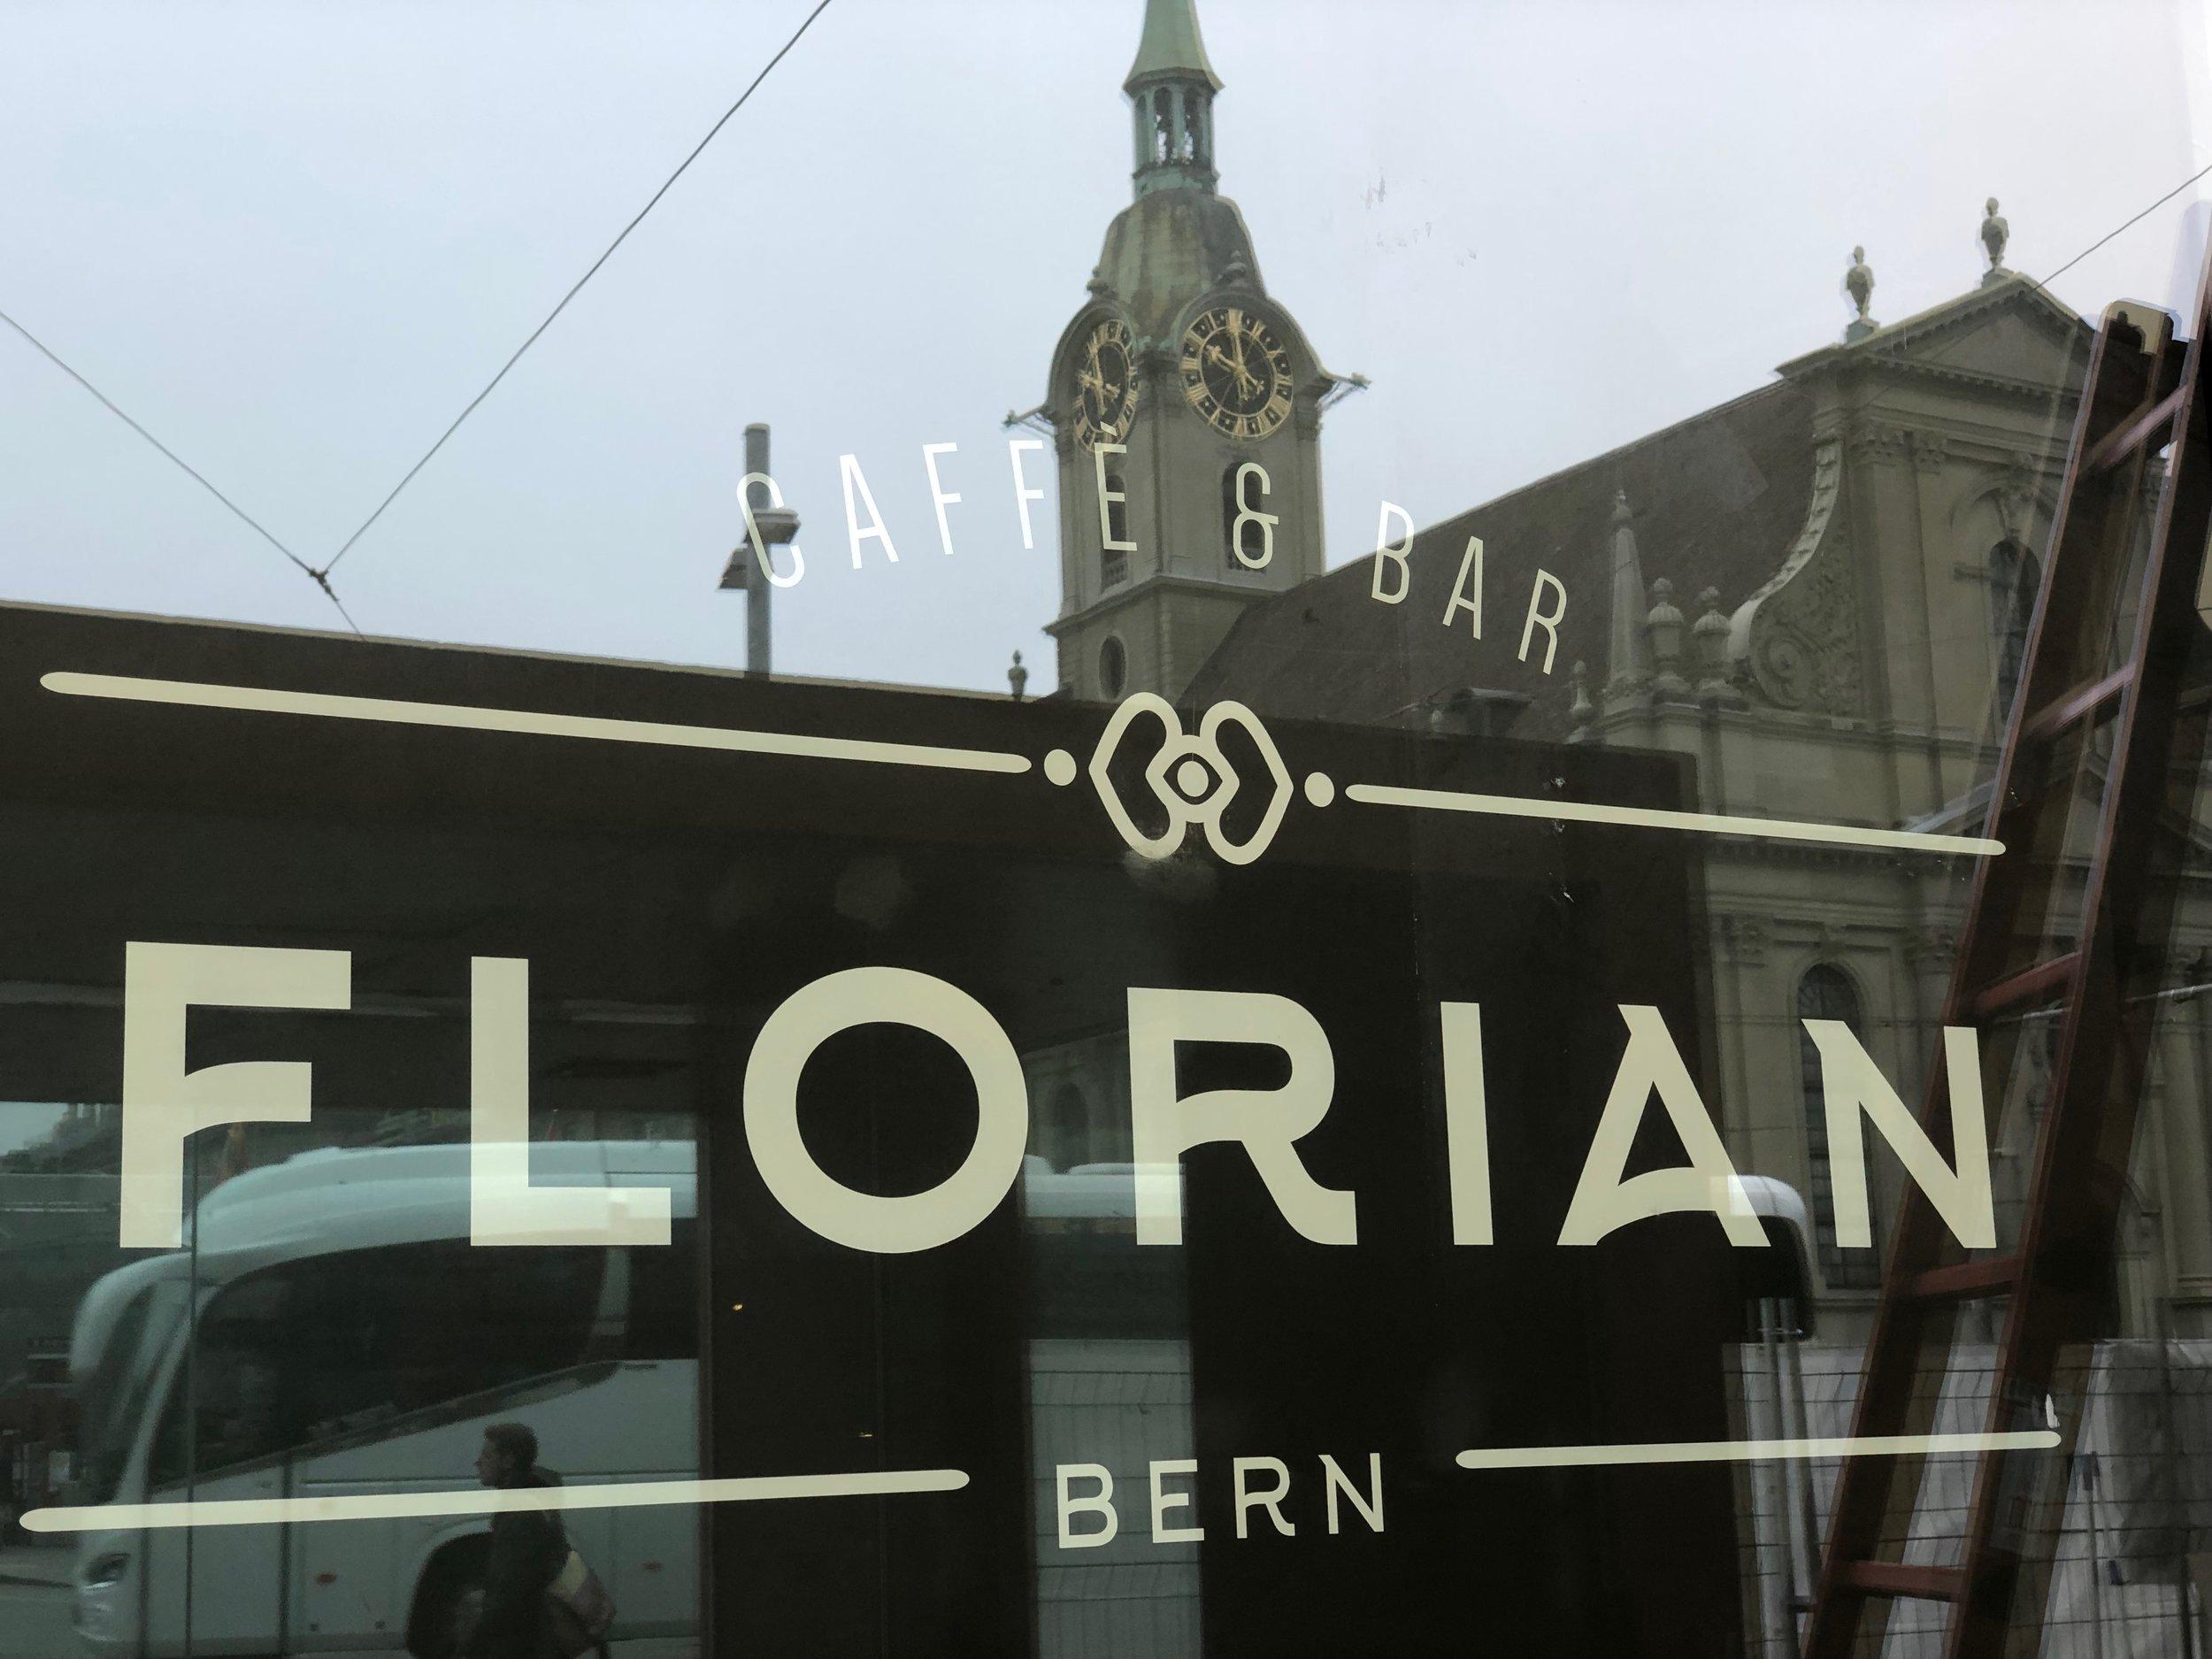 Cafe Florian Bern_Innen & Architektur_Studer.jpg